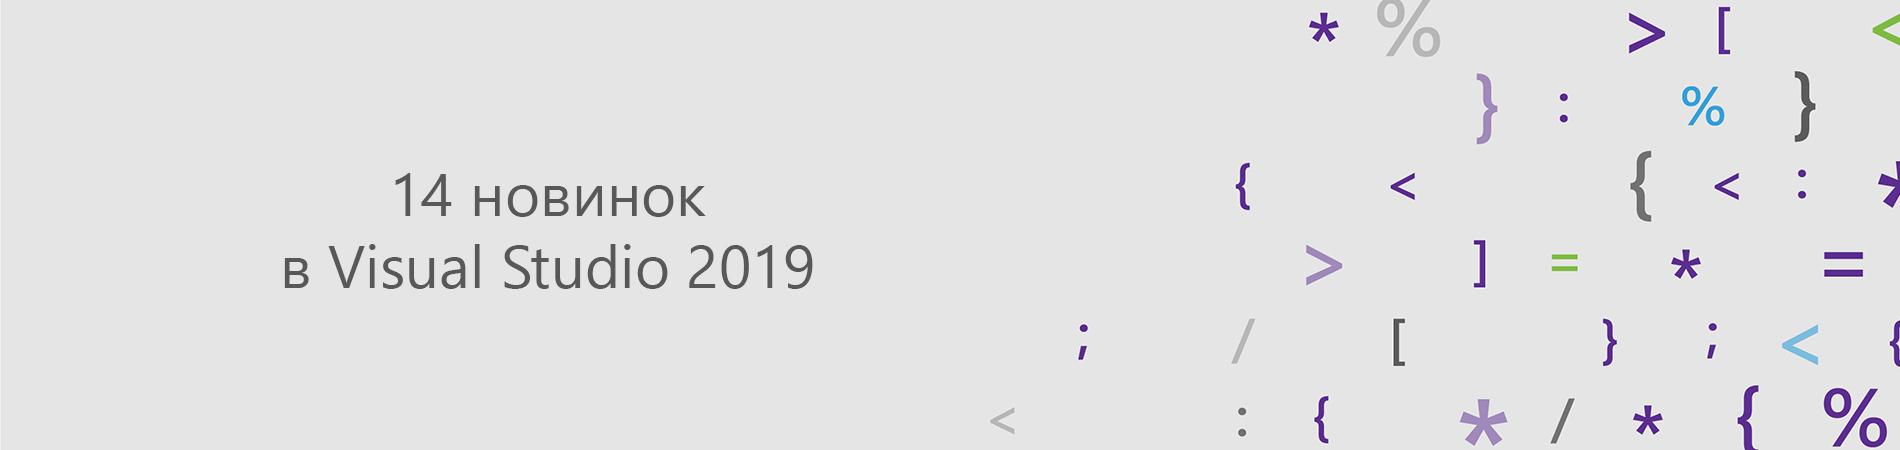 14 новинок в Visual Studio 2019